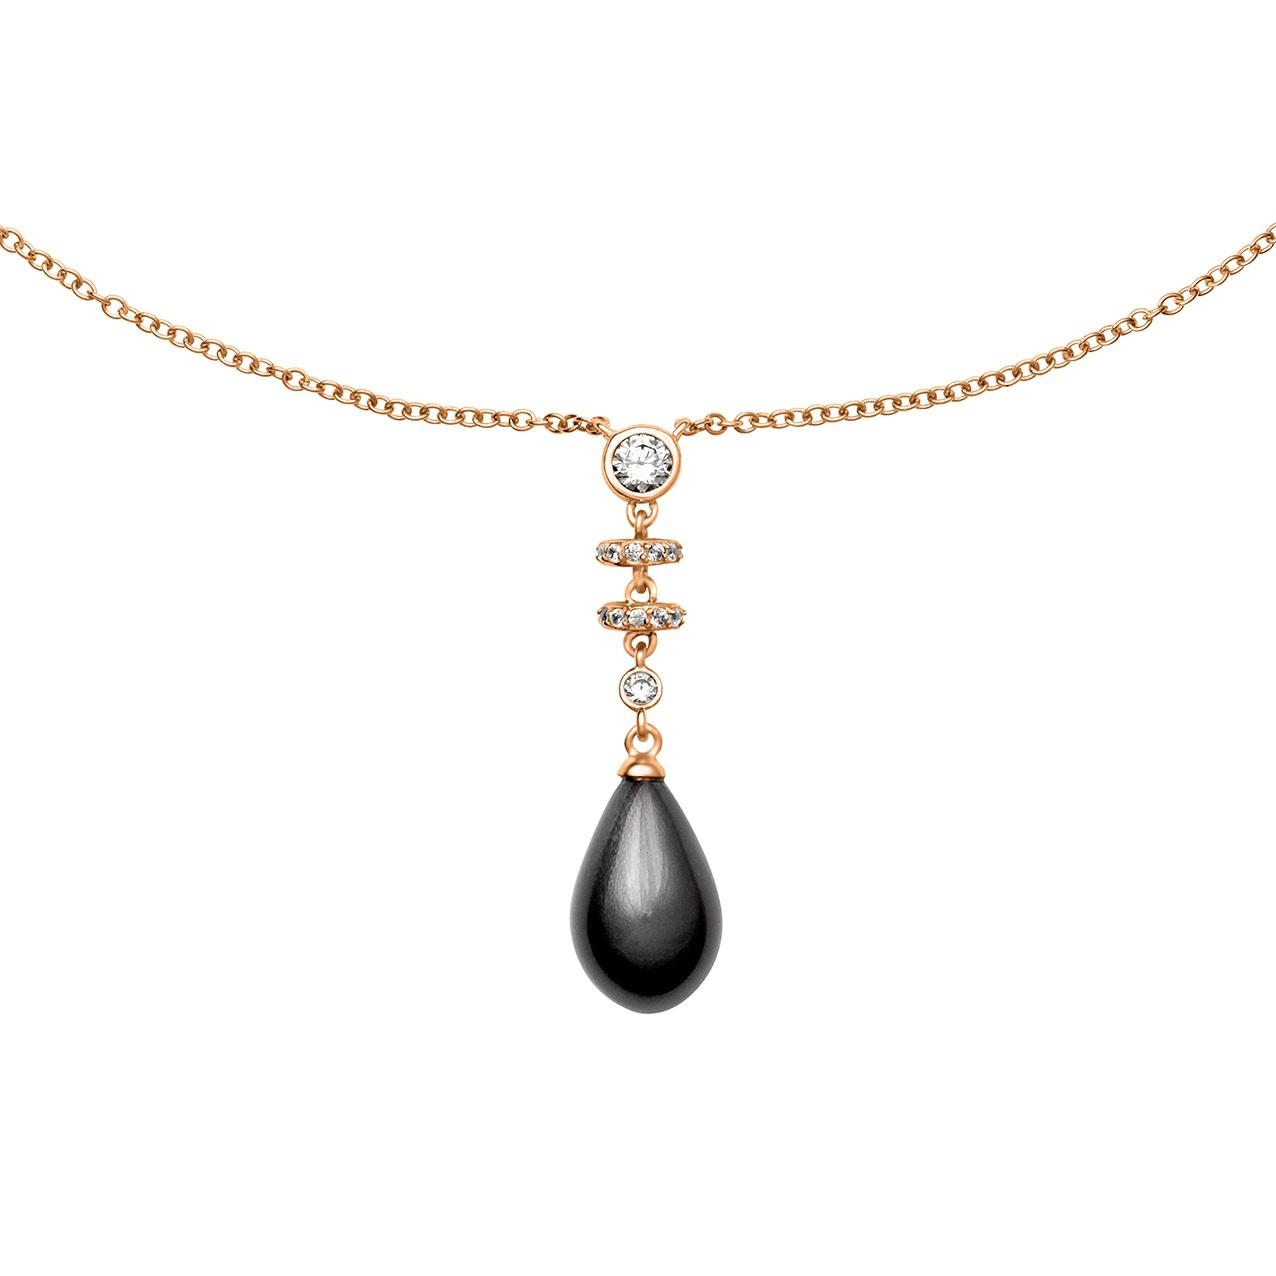 Zilveren Collier 45 cm Rosé-goud verguld met zwarte Parelhanger en Zirkonia 803.0340.45